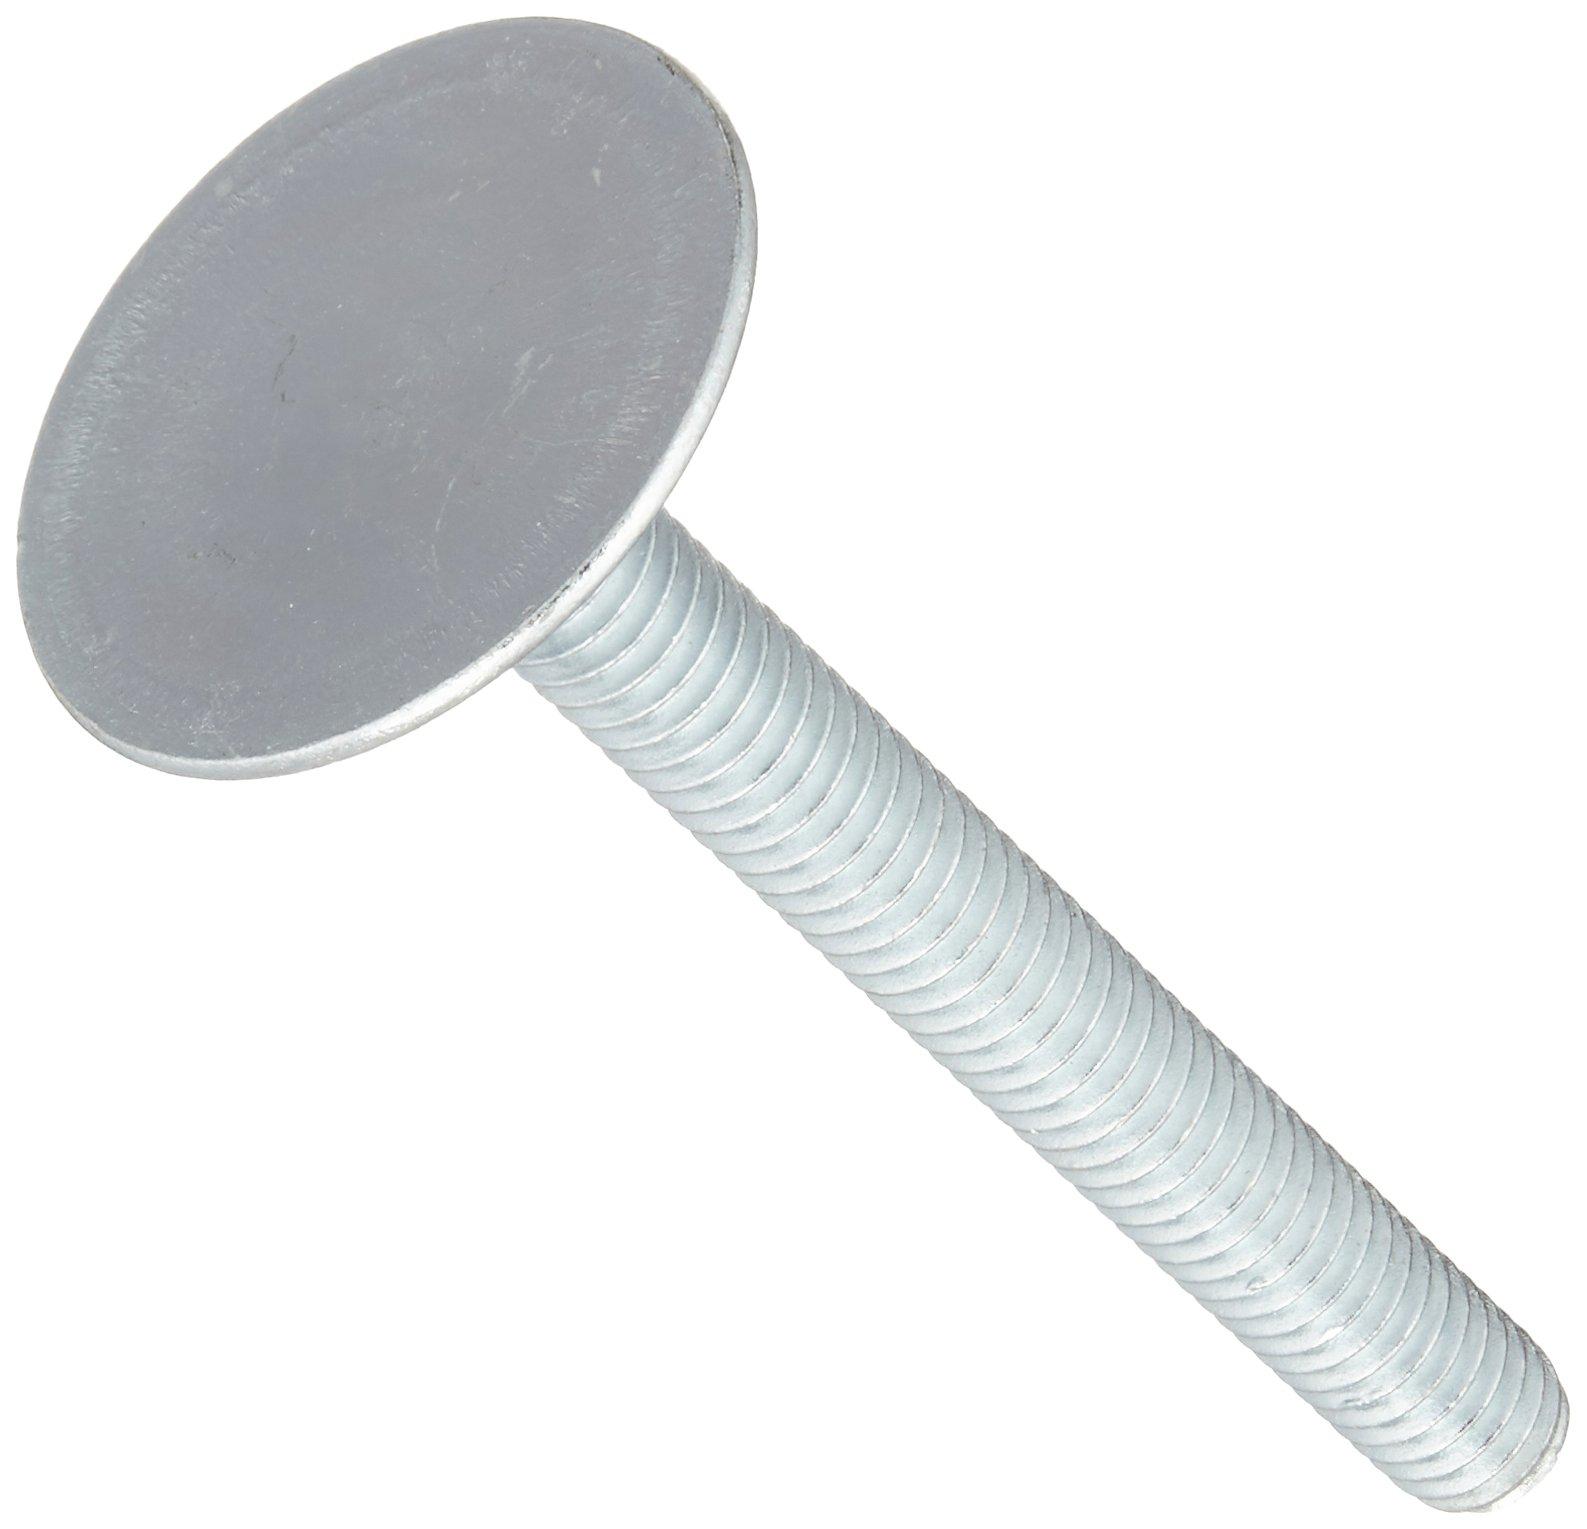 Hard-to-Find Fastener 014973239725 Elevator Bolts, 5/16-18 x 3, Piece-5